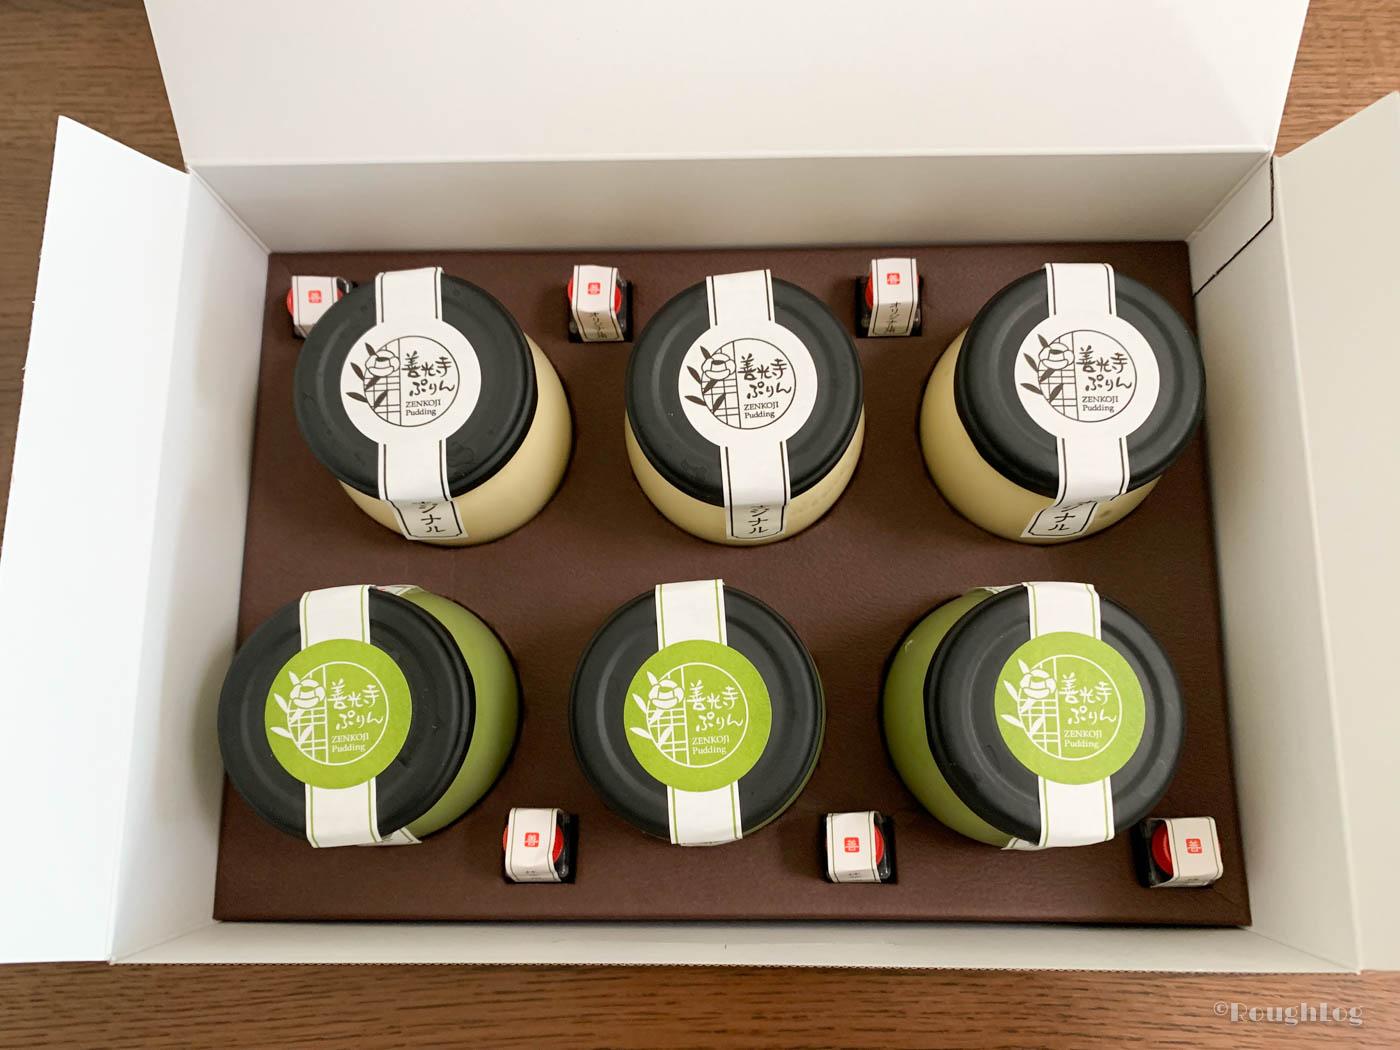 善光寺ぷりんセットは、オリジナル味と抹茶味が3個ずつ